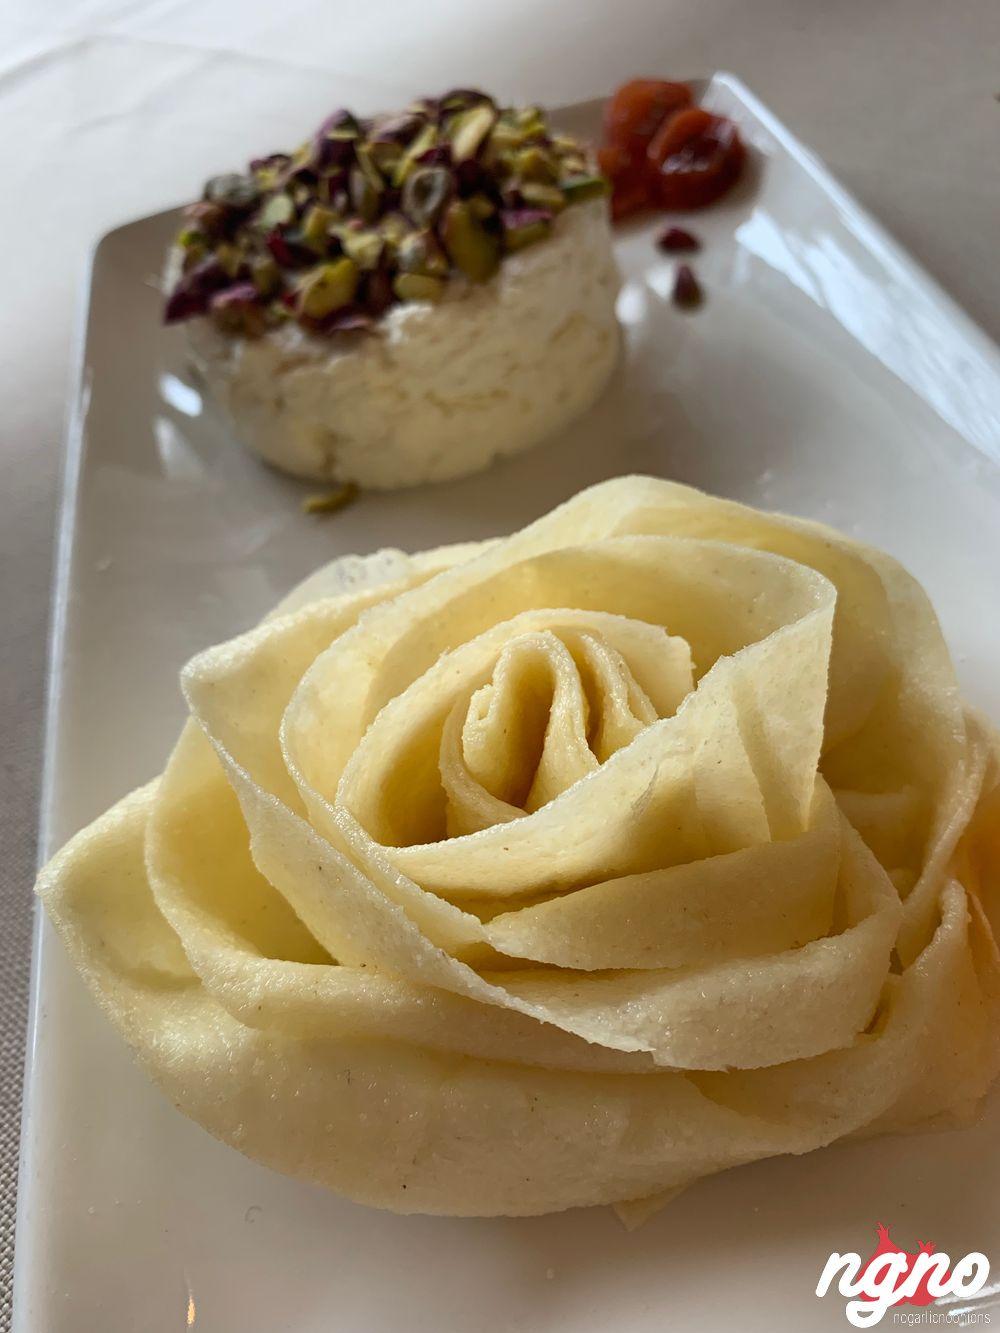 tallet-nasr-naas-restaurant-nogarlicnoonions-162019-03-22-09-21-31